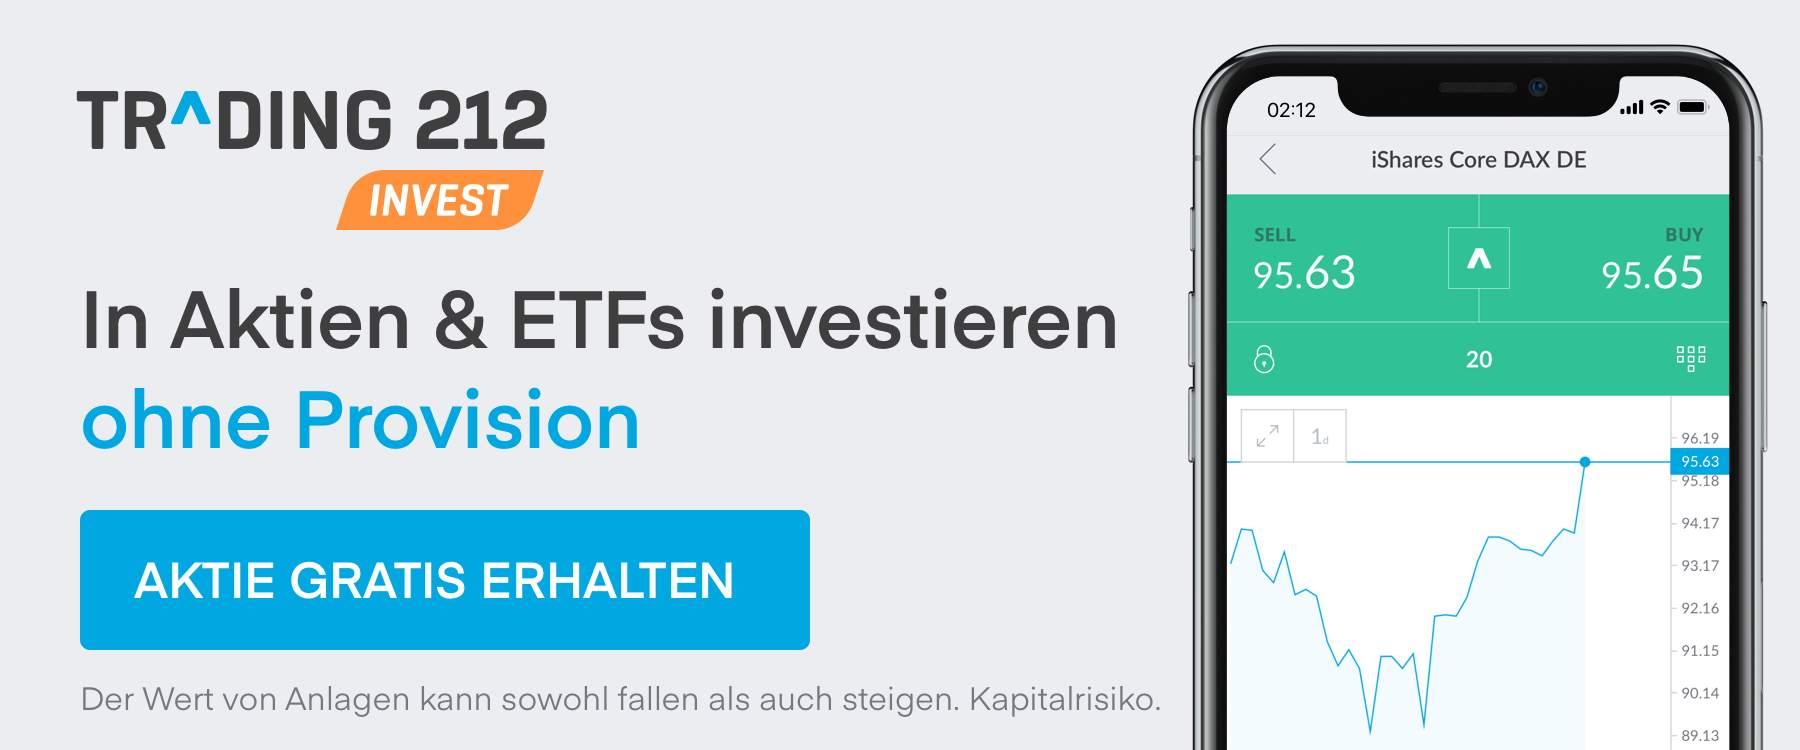 Trading 212 Aktie gratis erhalten